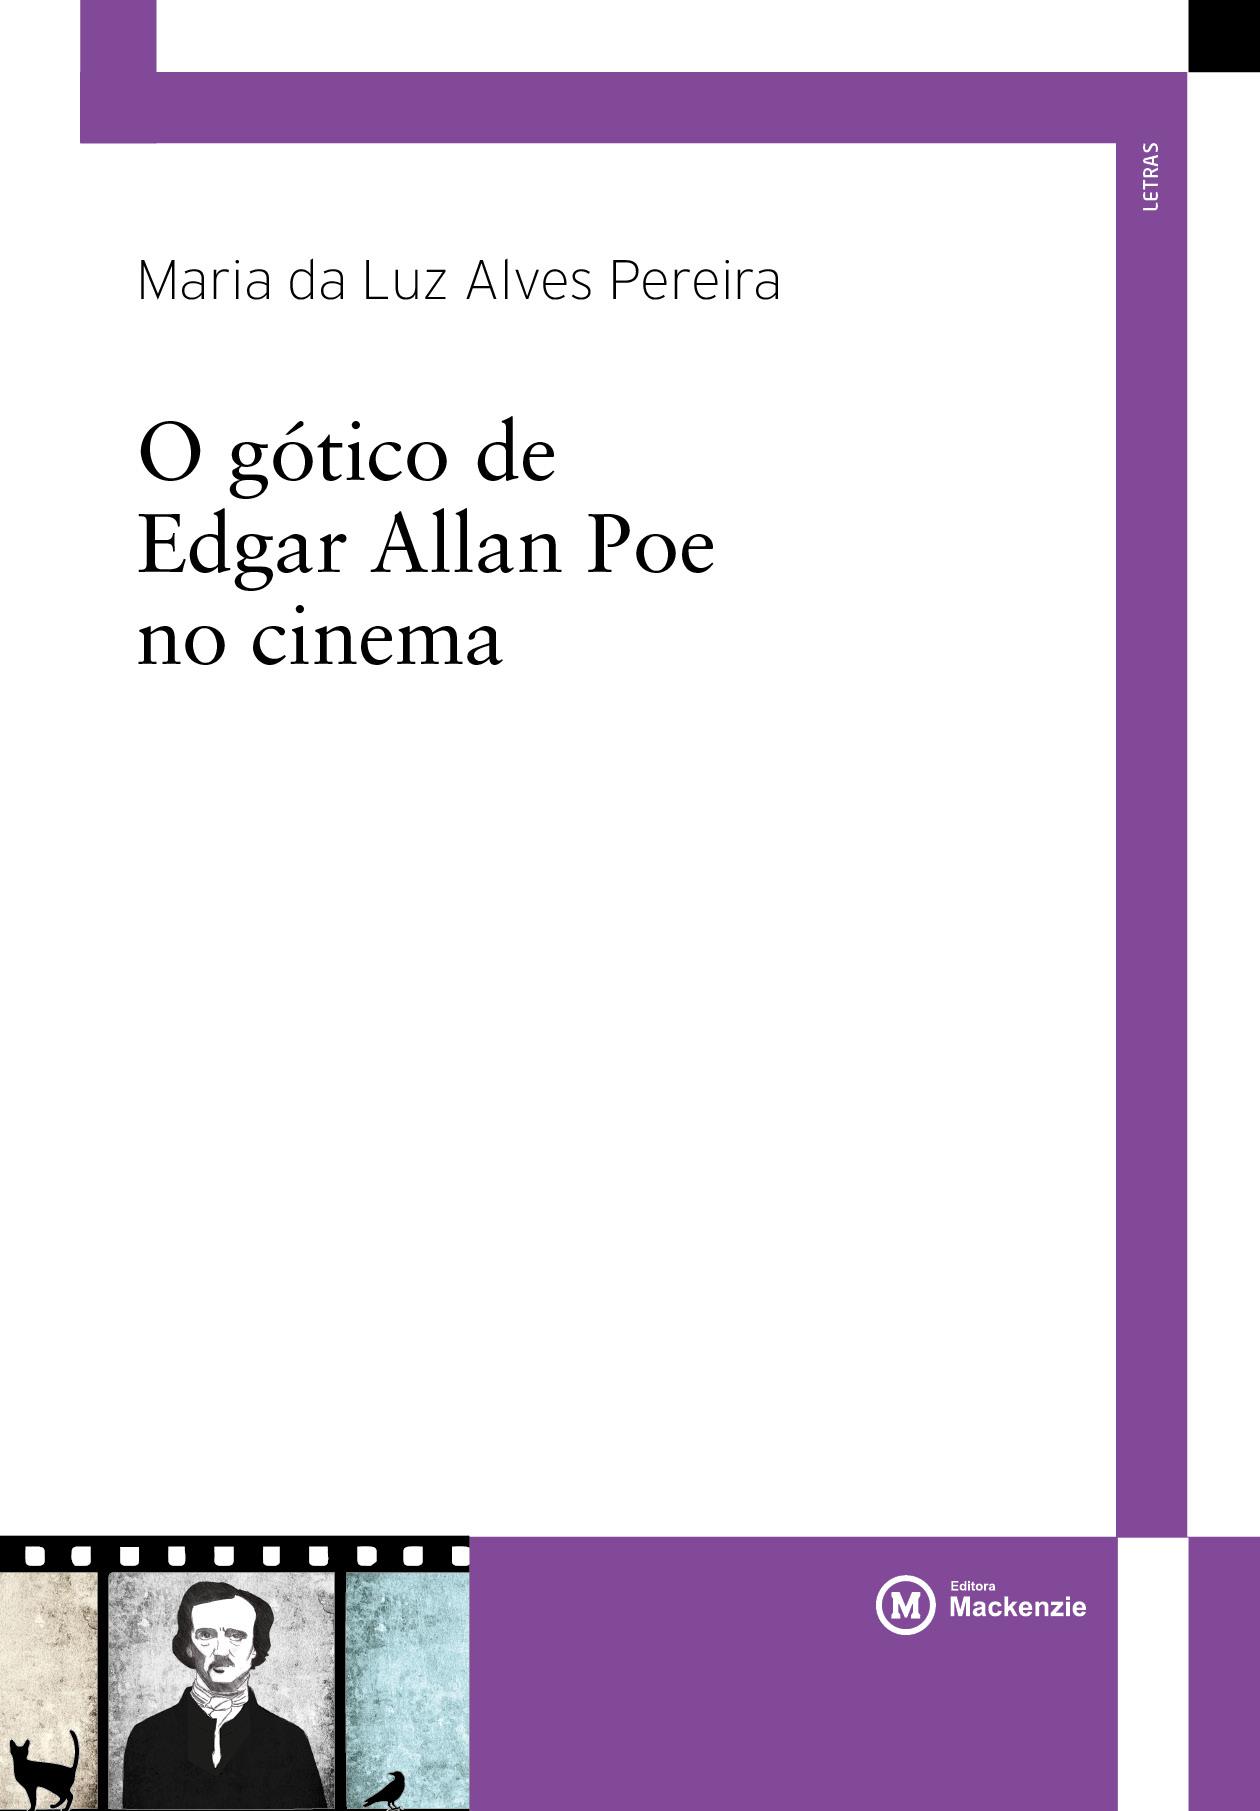 O gótico de Edgar Allan Poe no cinema, livro de Maria da Luz Alves Pereira